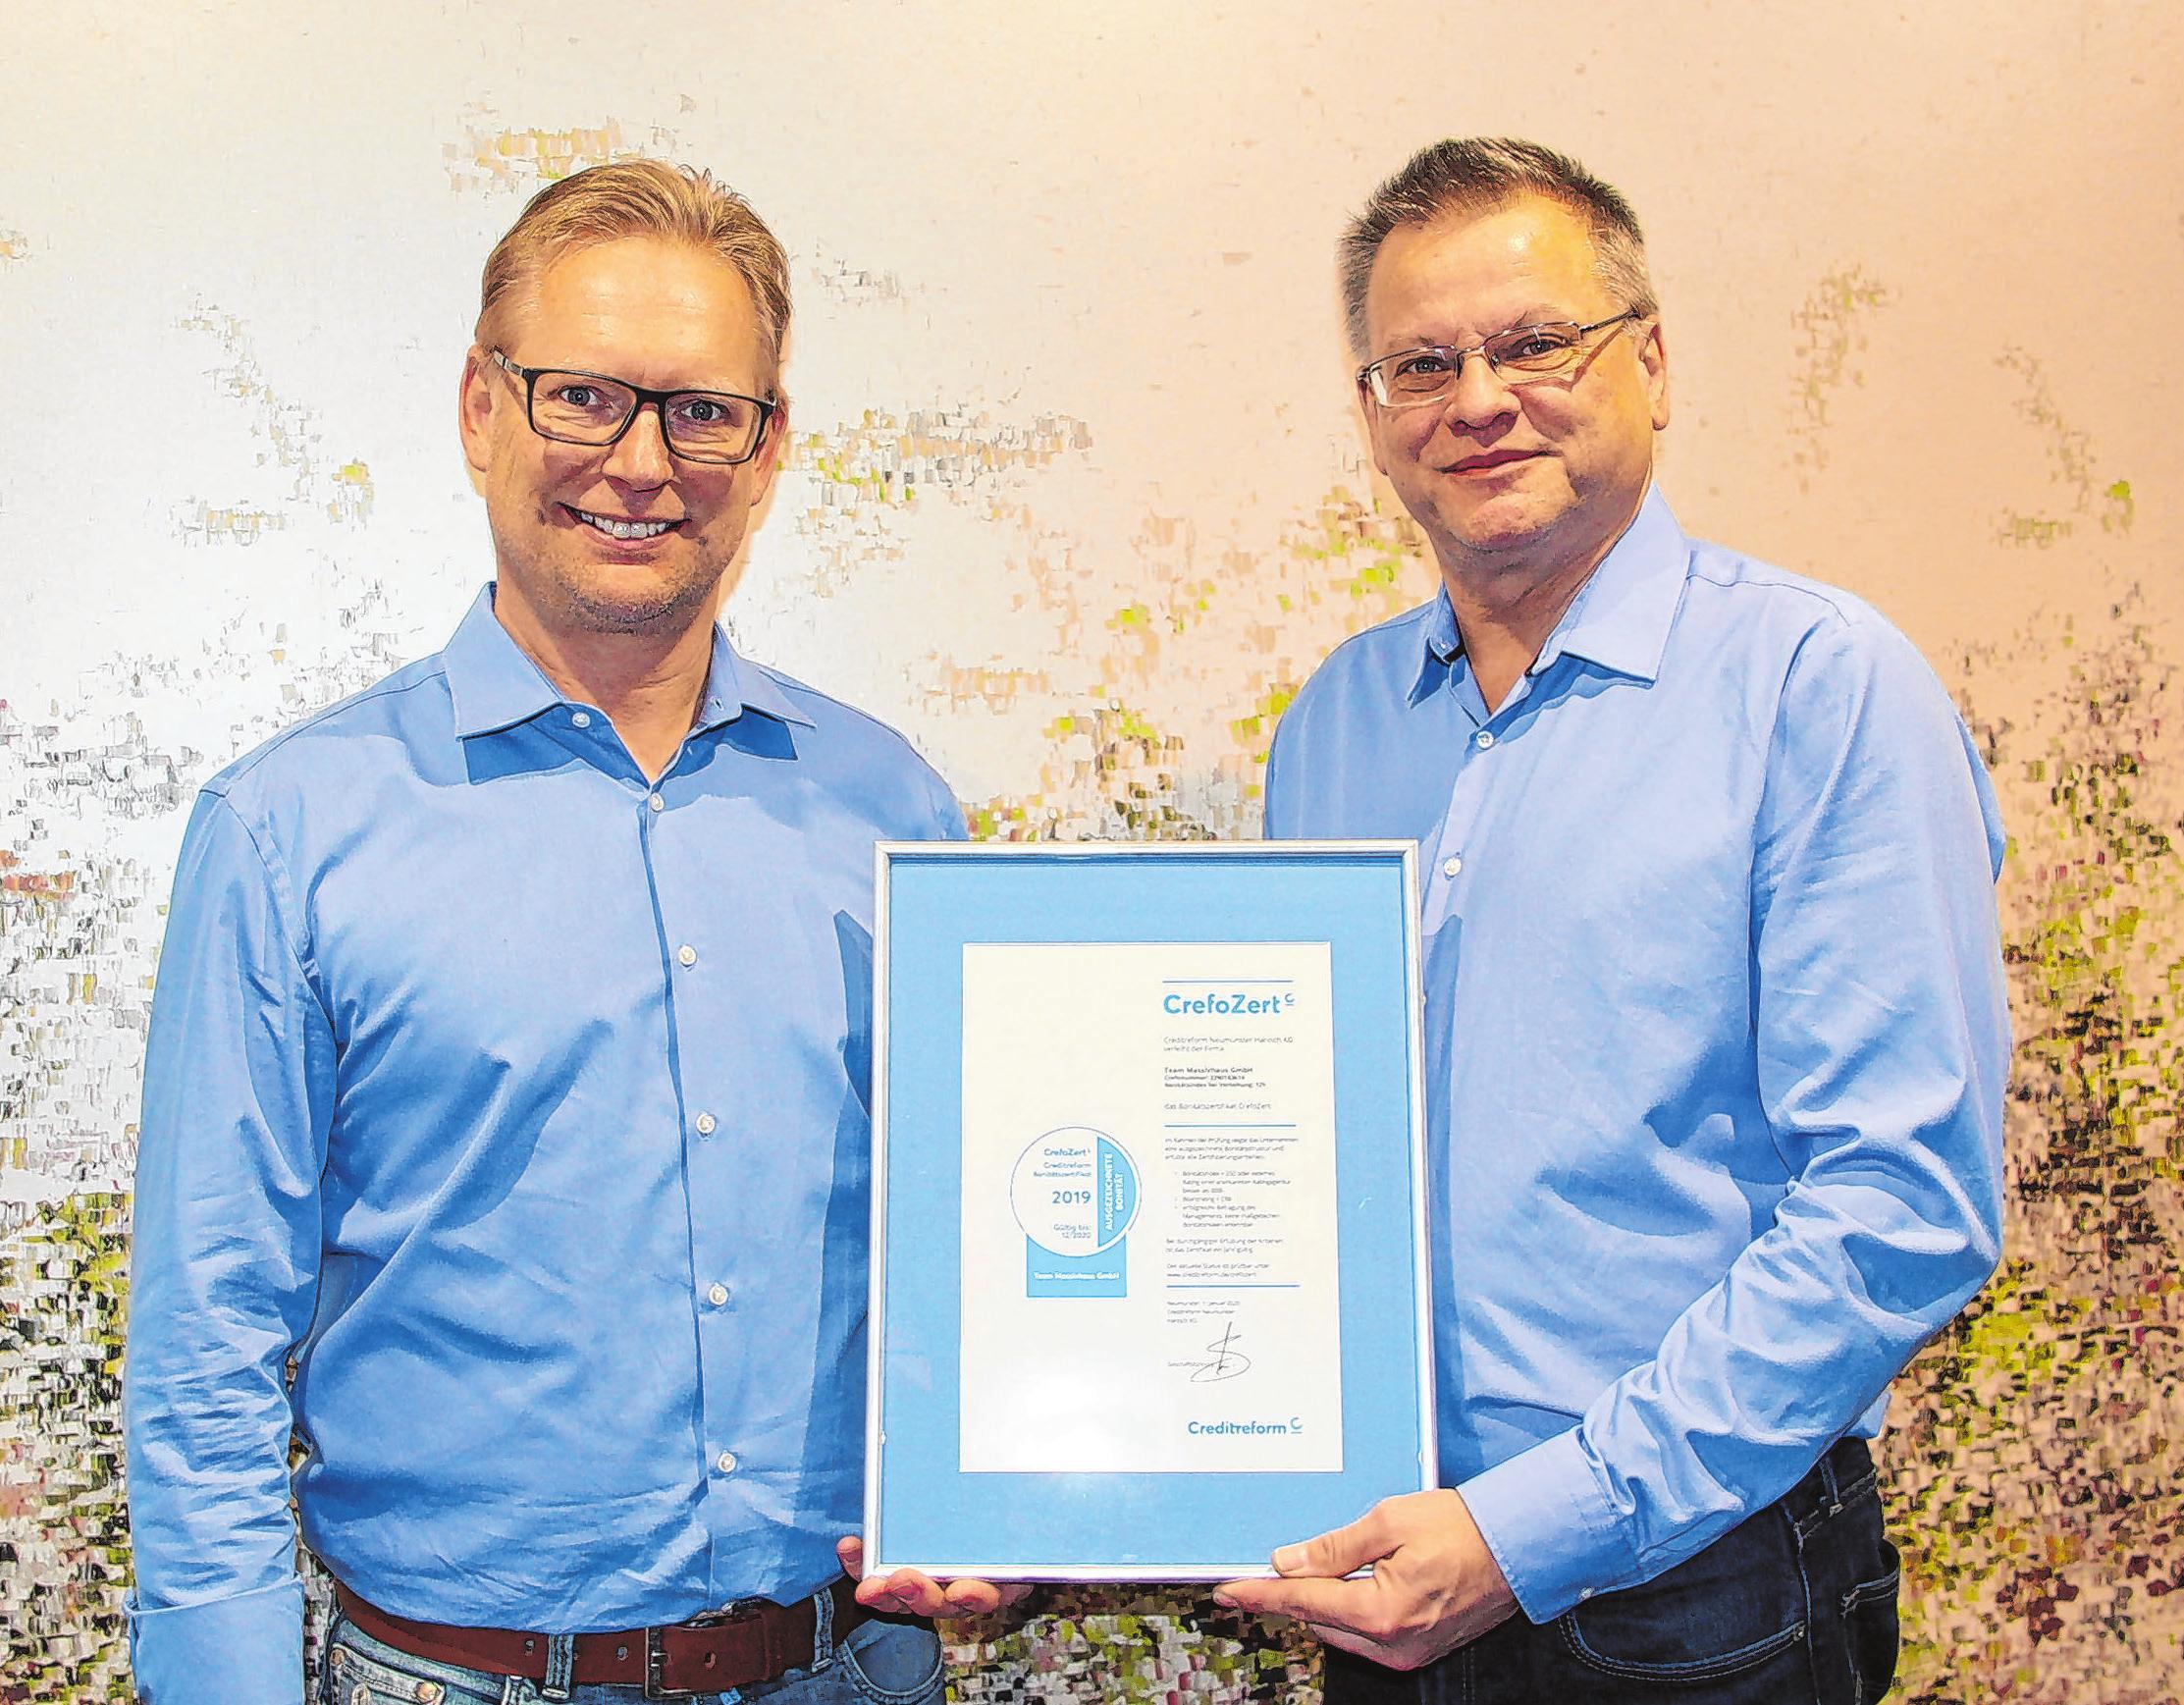 Zertifikatübergabe 2020: Christian Weis (rechts) von Creditreform präsentiert dem Geschäftsführer Heiko Krug (links) das neue Zertifikat. Foto: Wüstenhagen/dpa